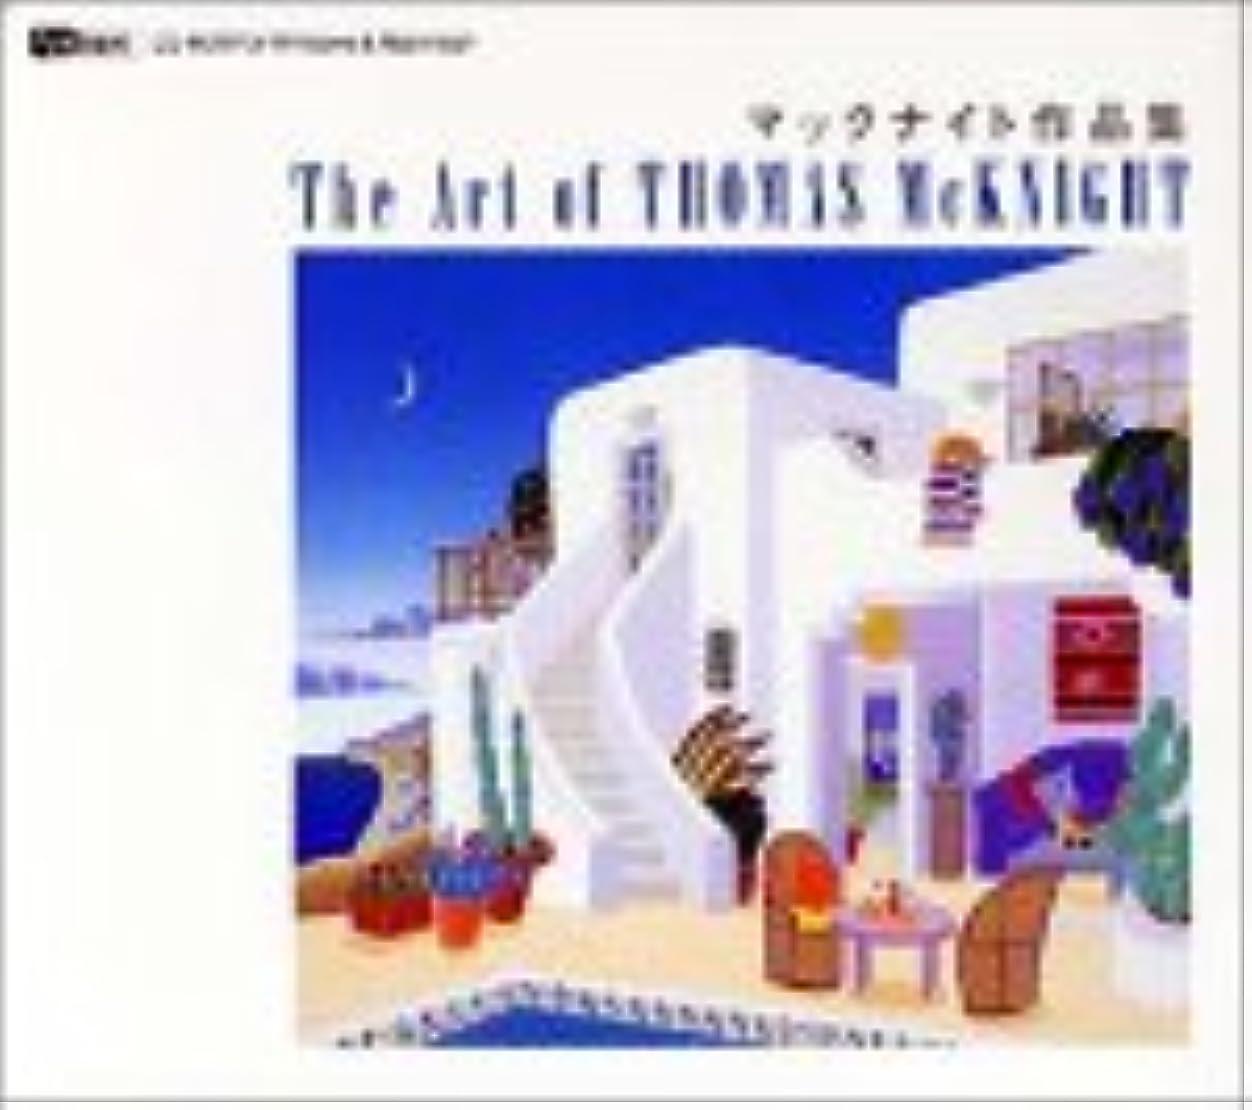 満足できるスクラップブックたらいマックナイト作品集 The Art of THOMAS McKNIGHT